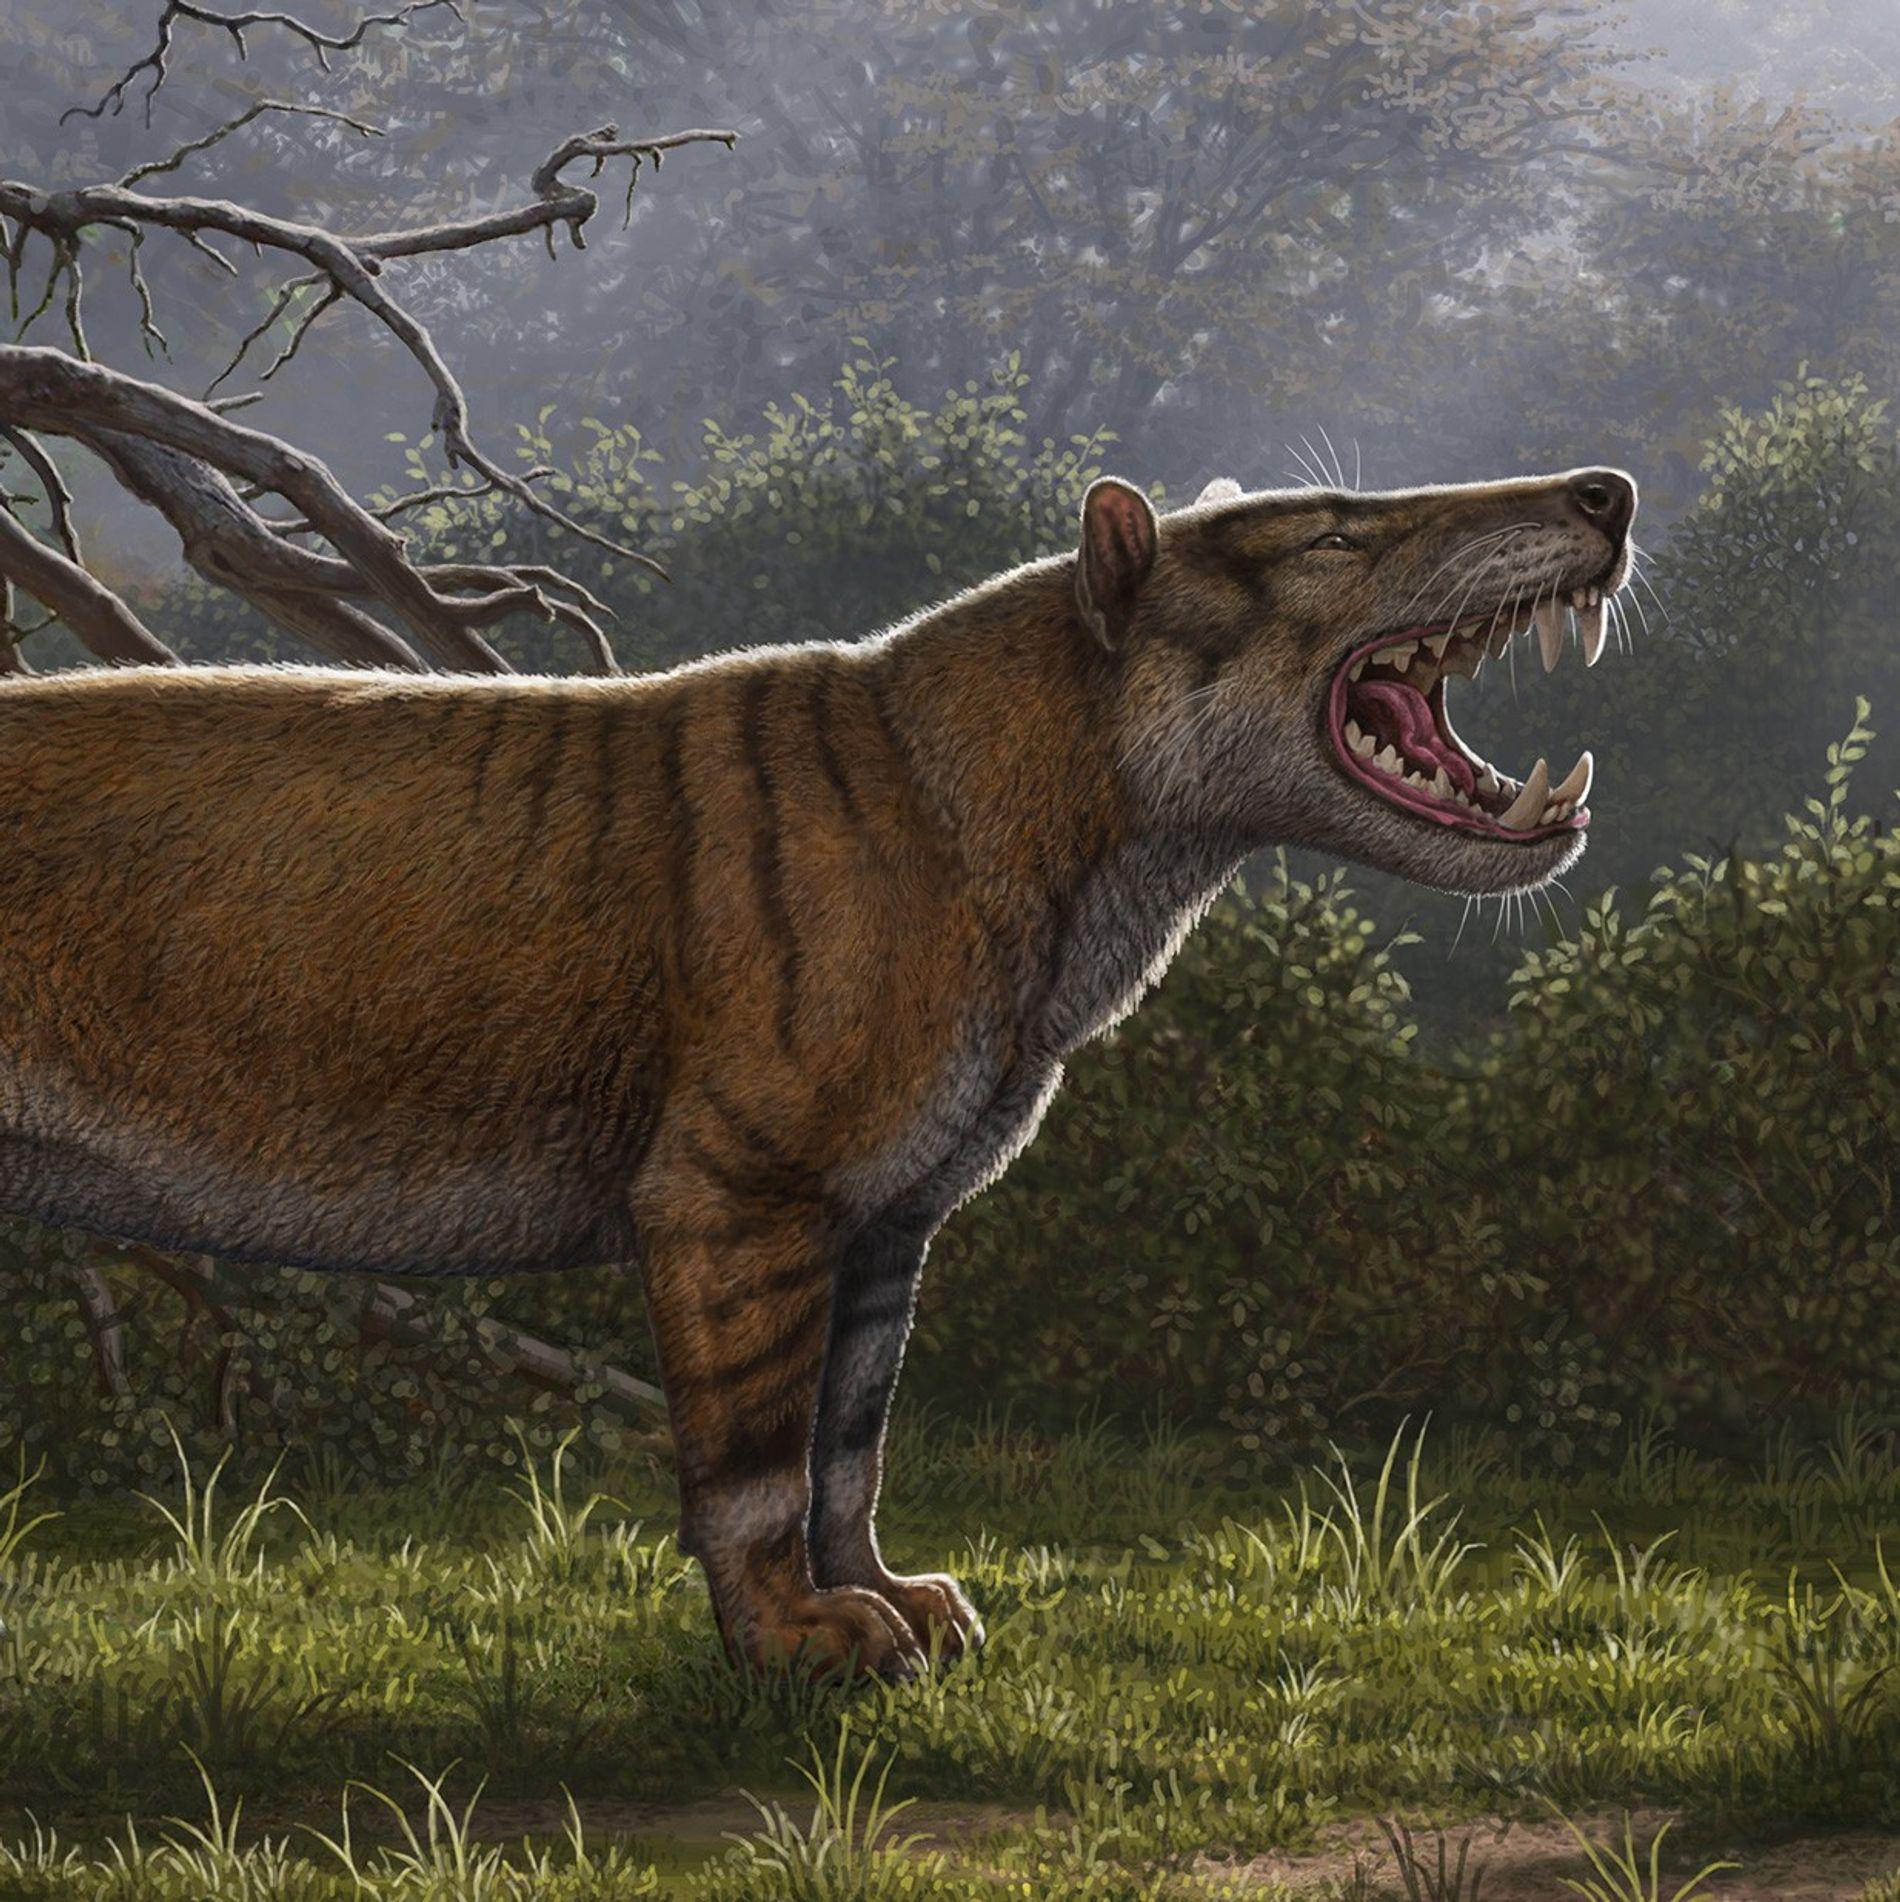 Simbakubwa kutokaafrika, um carnívoro gigante conhecido em grande parte por sua mandíbula, partes do crânio e ...